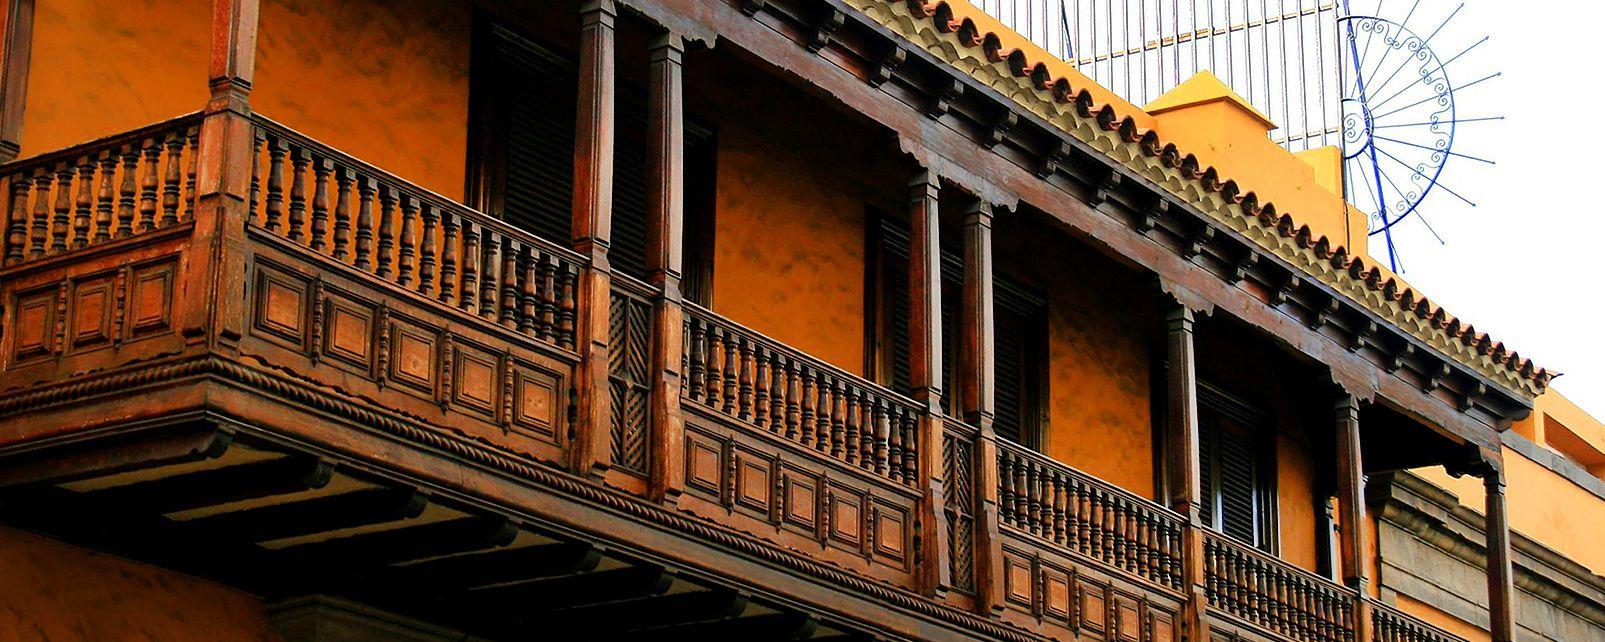 , Les vestiges du passé colonial espagnol, Les arts et la culture, Maroc-Le Sud